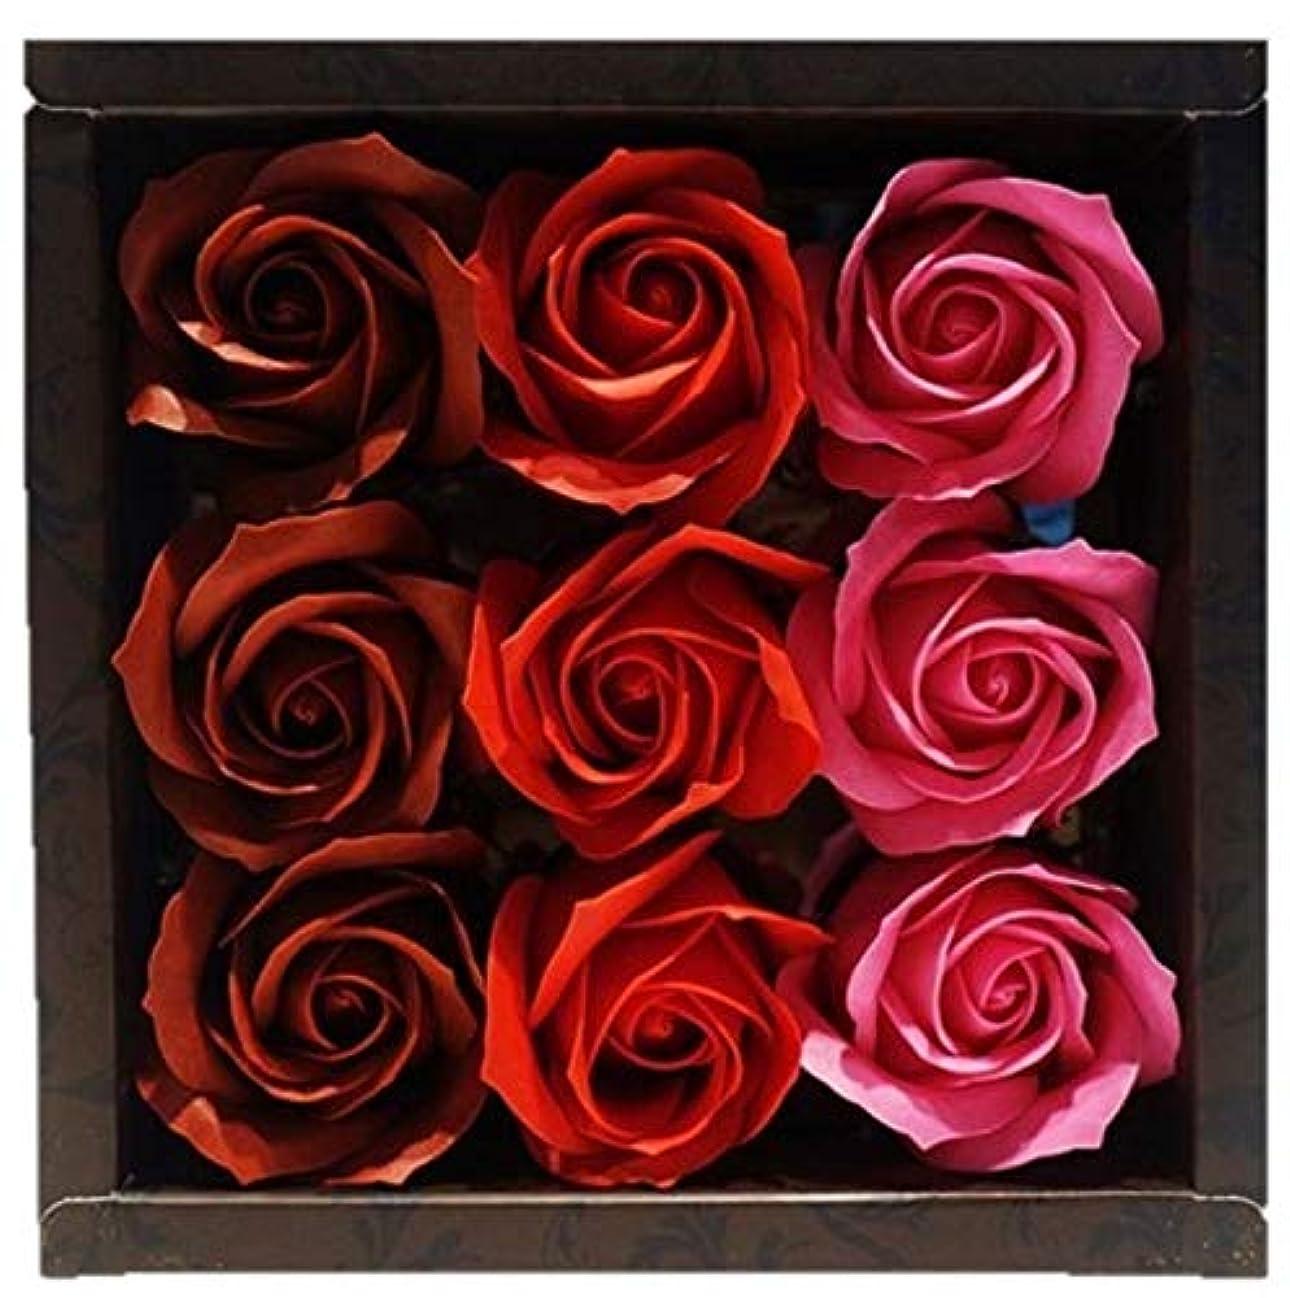 財産一元化する教義バスフレグランス バスフラワー ローズフレグランス レッドカラー お花の形の入浴剤 プレゼント ばら